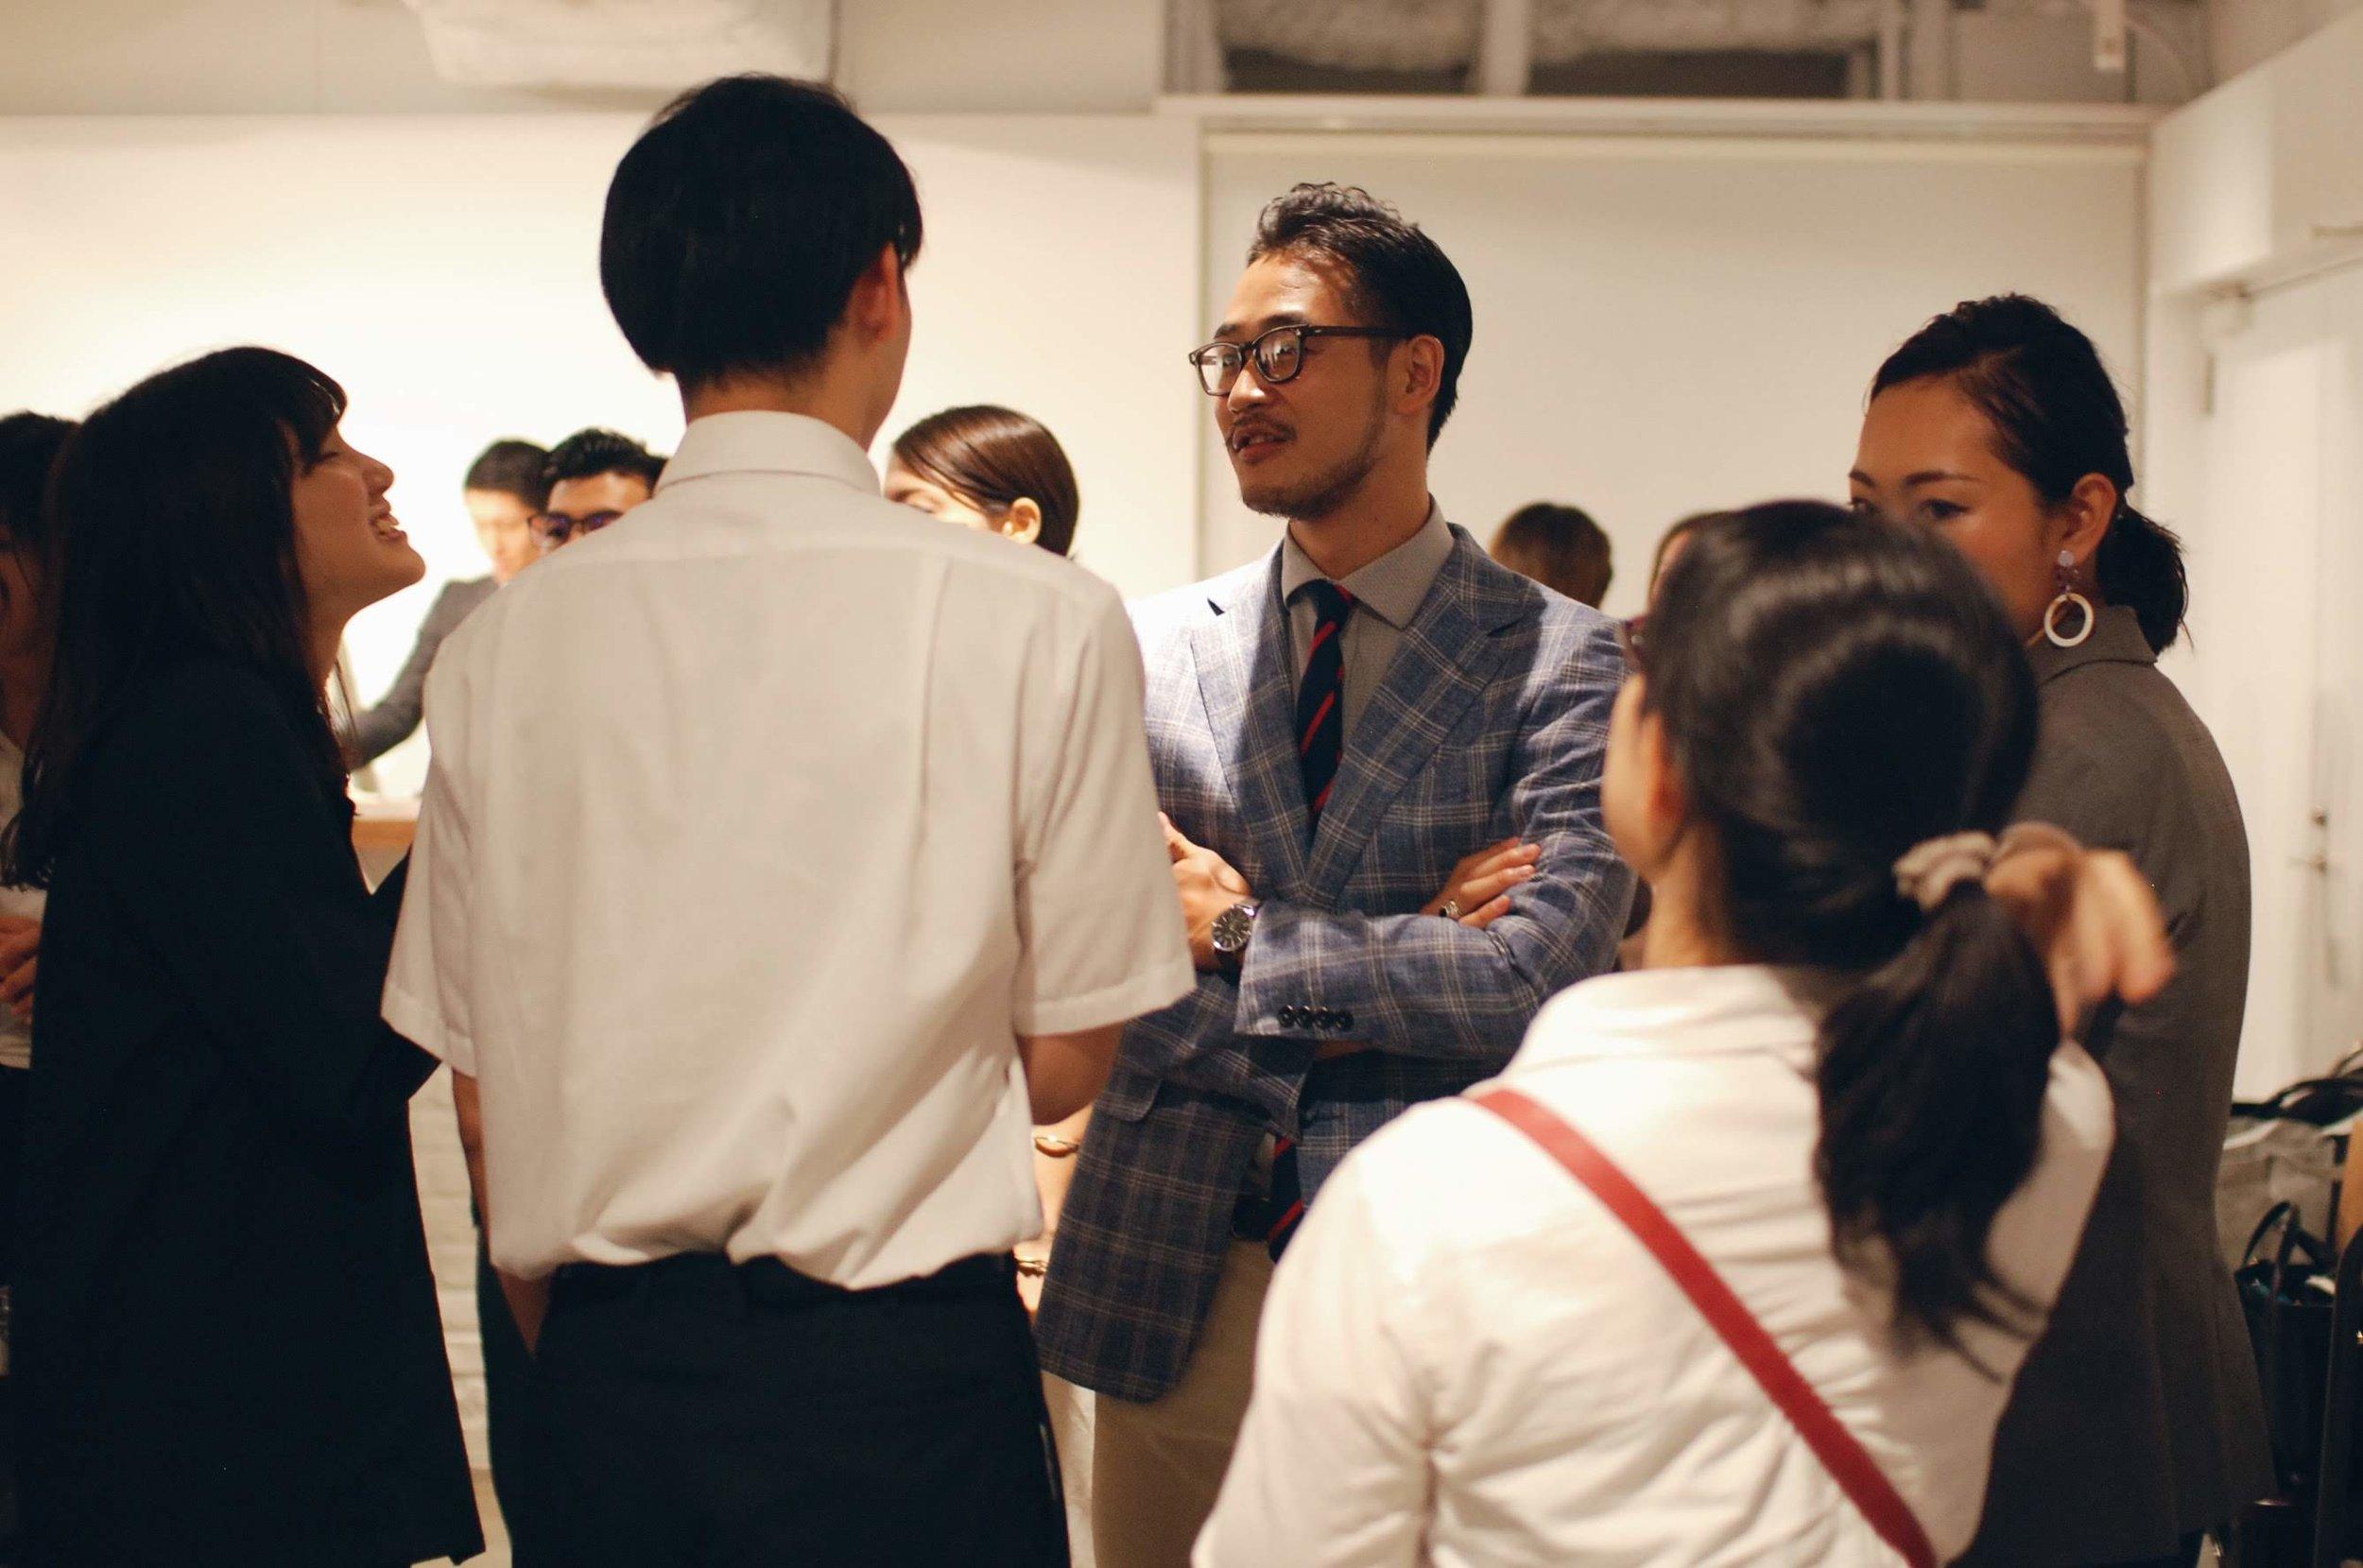 セミナー後の懇親会では、参加者のキャリア相談に自ら積極的に耳を傾けている。